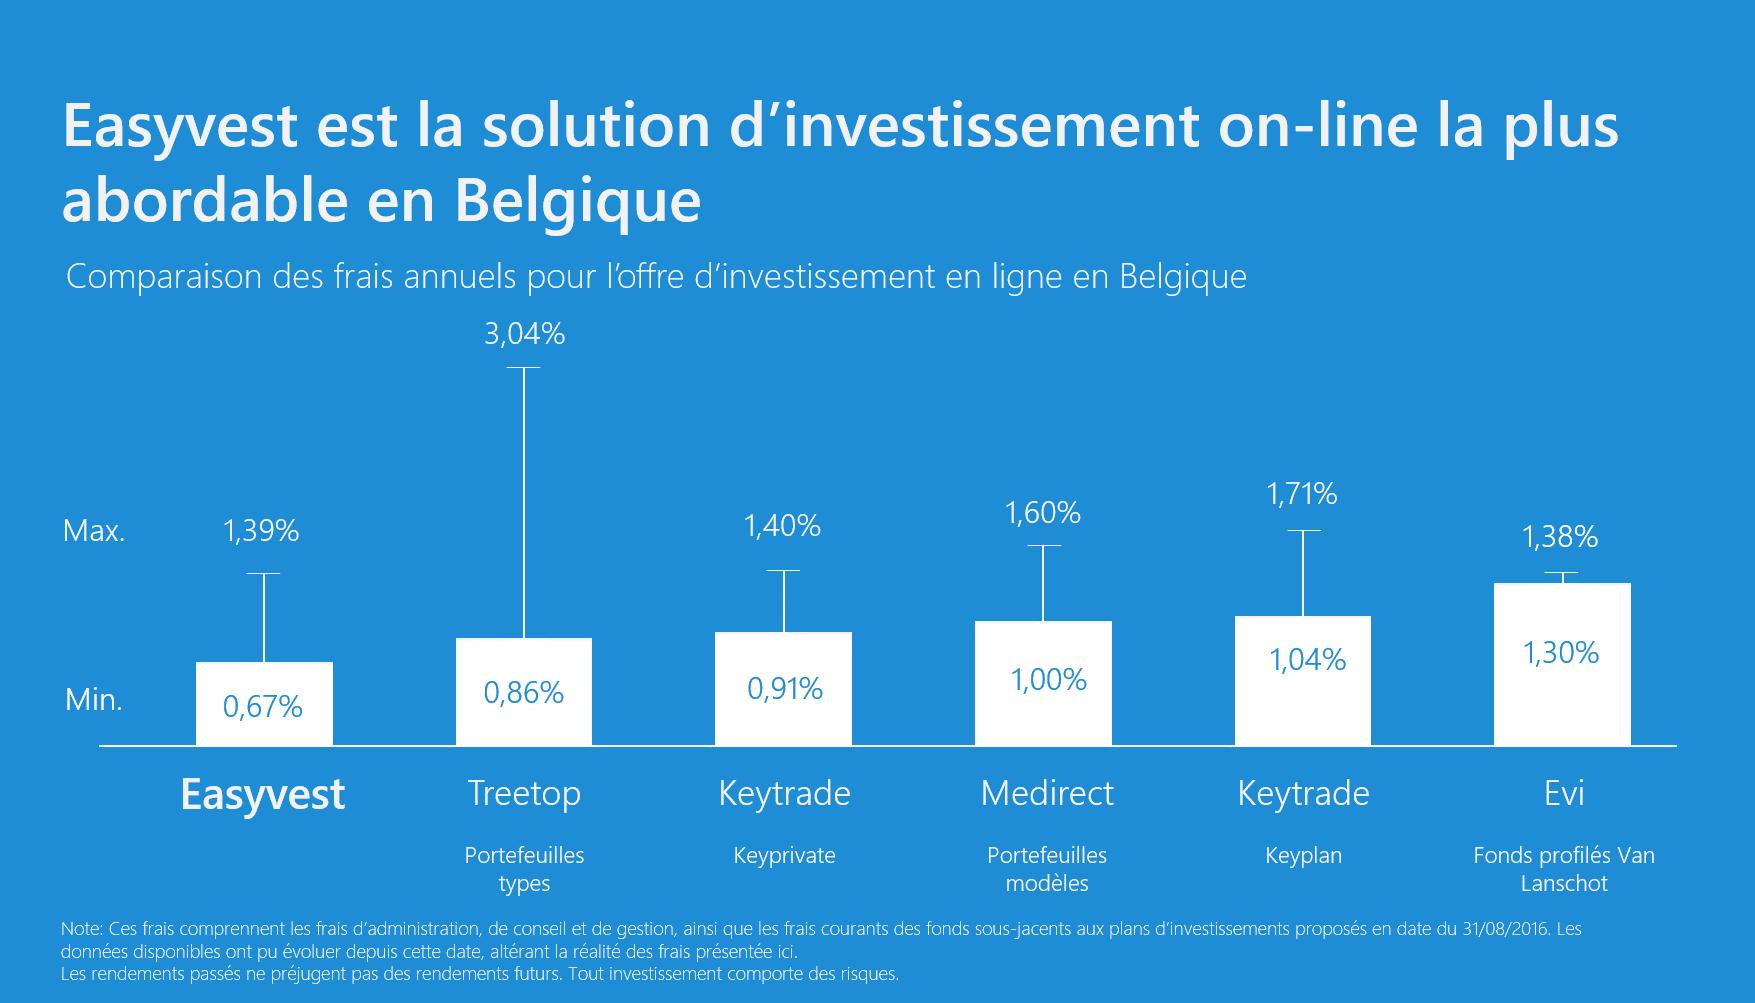 Les frais de l'offre d'investissement en ligne décortiqués